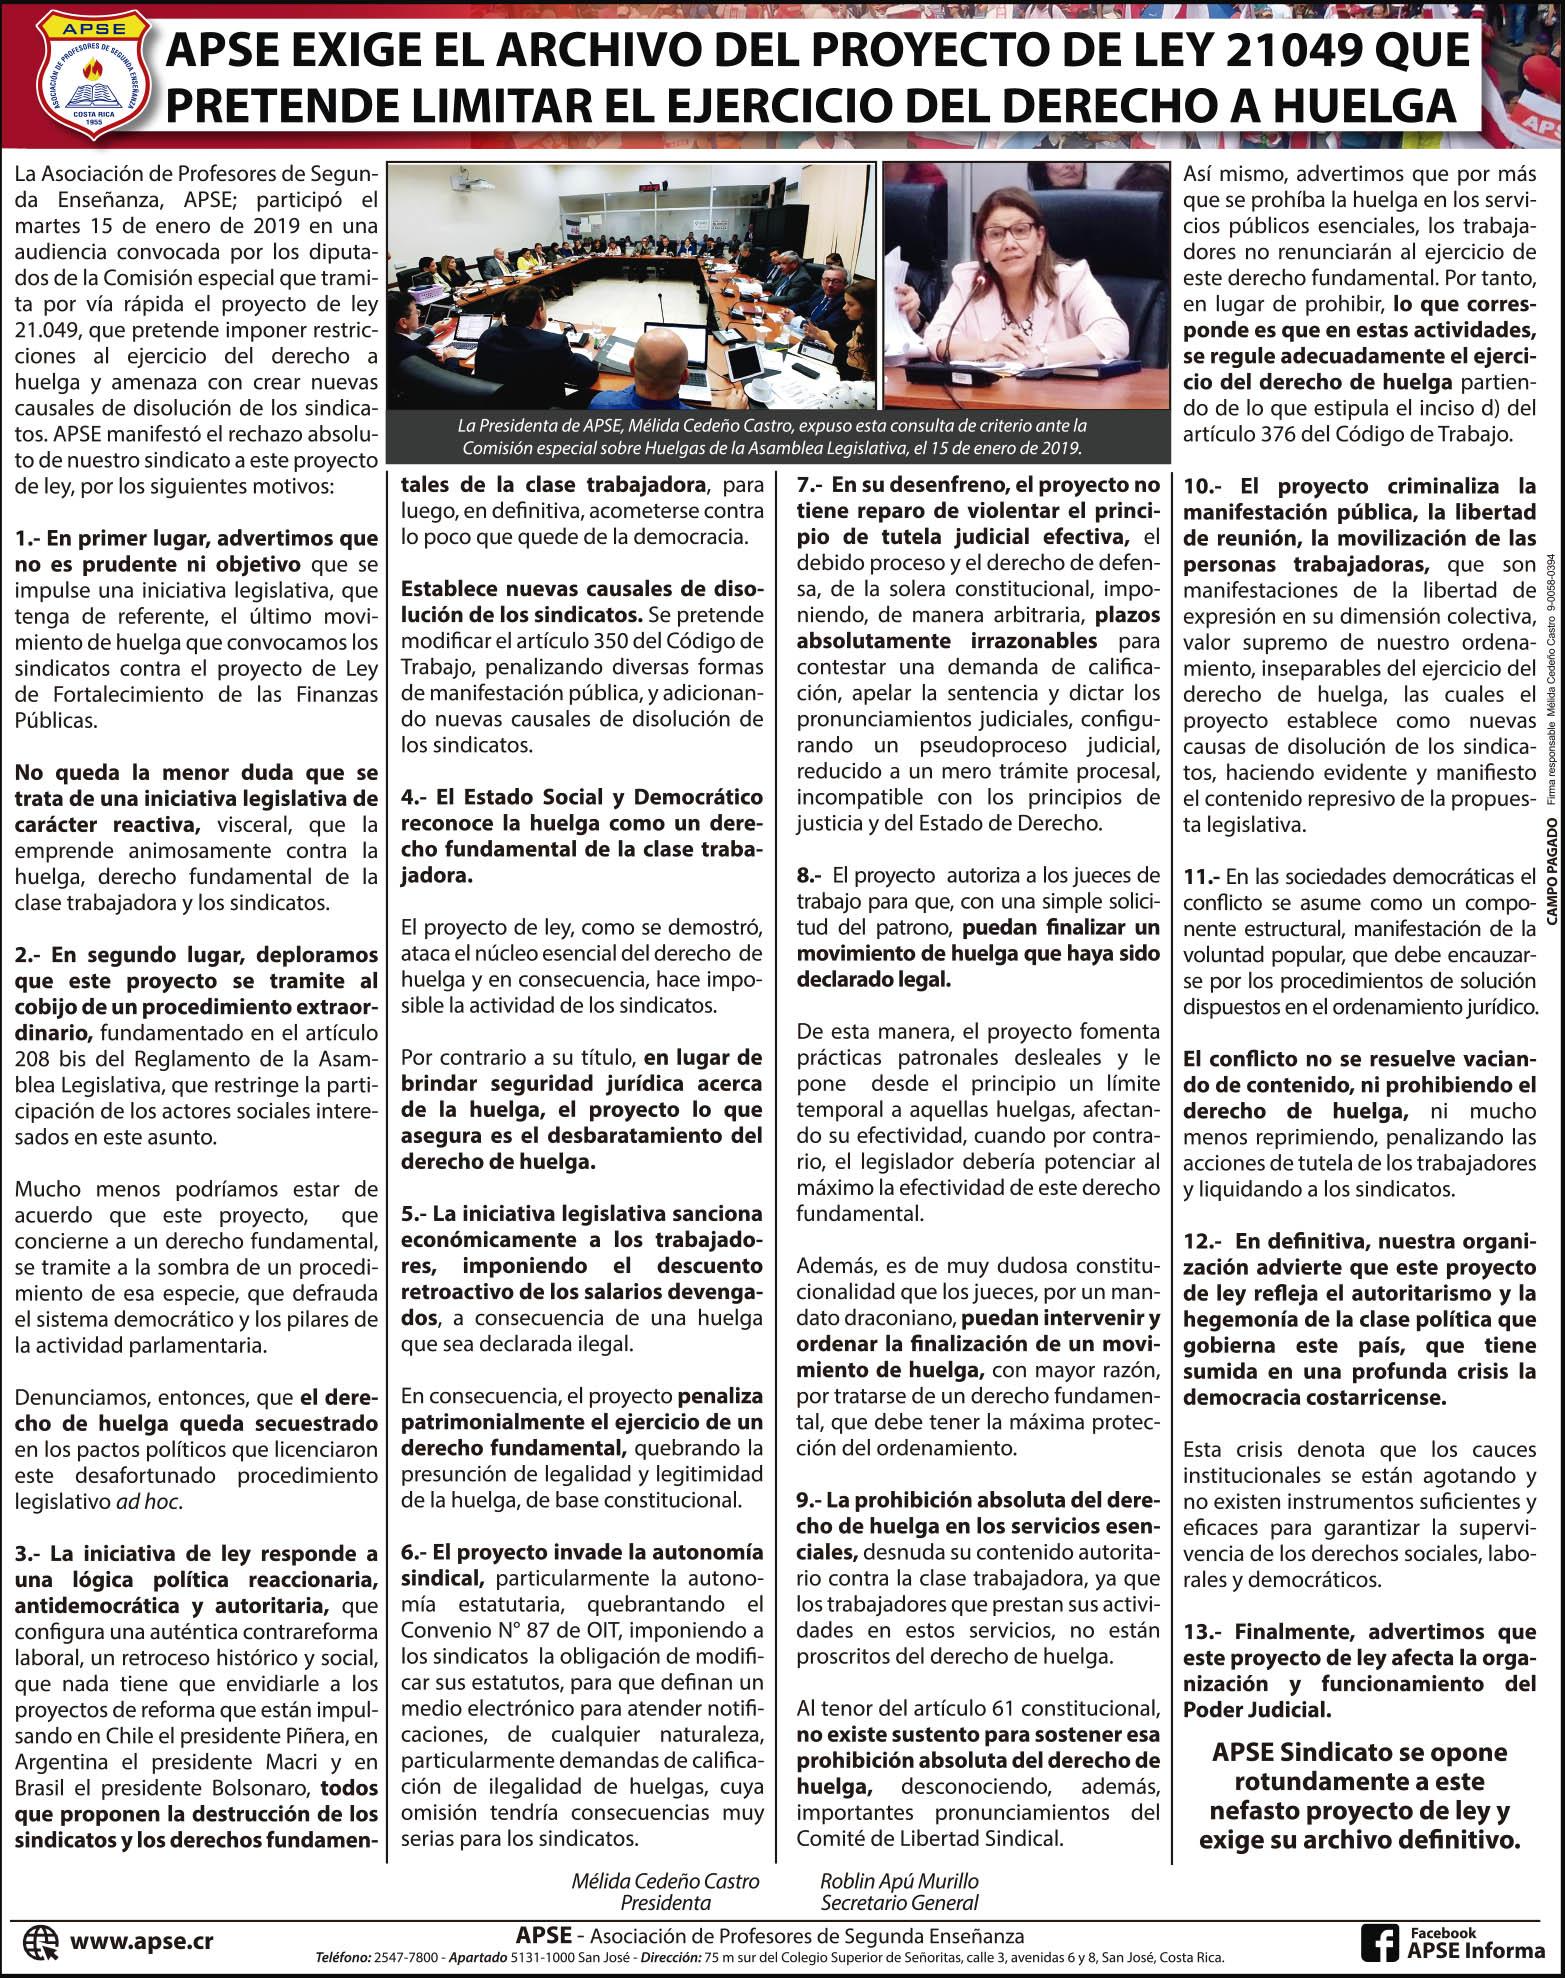 APSE EXIGE EL ARCHIVO DEL PROYECTO DE LEY 21049 QUE PRETENDE LIMITAR EL EJERCICIO DEL DERECHO A HUELGA